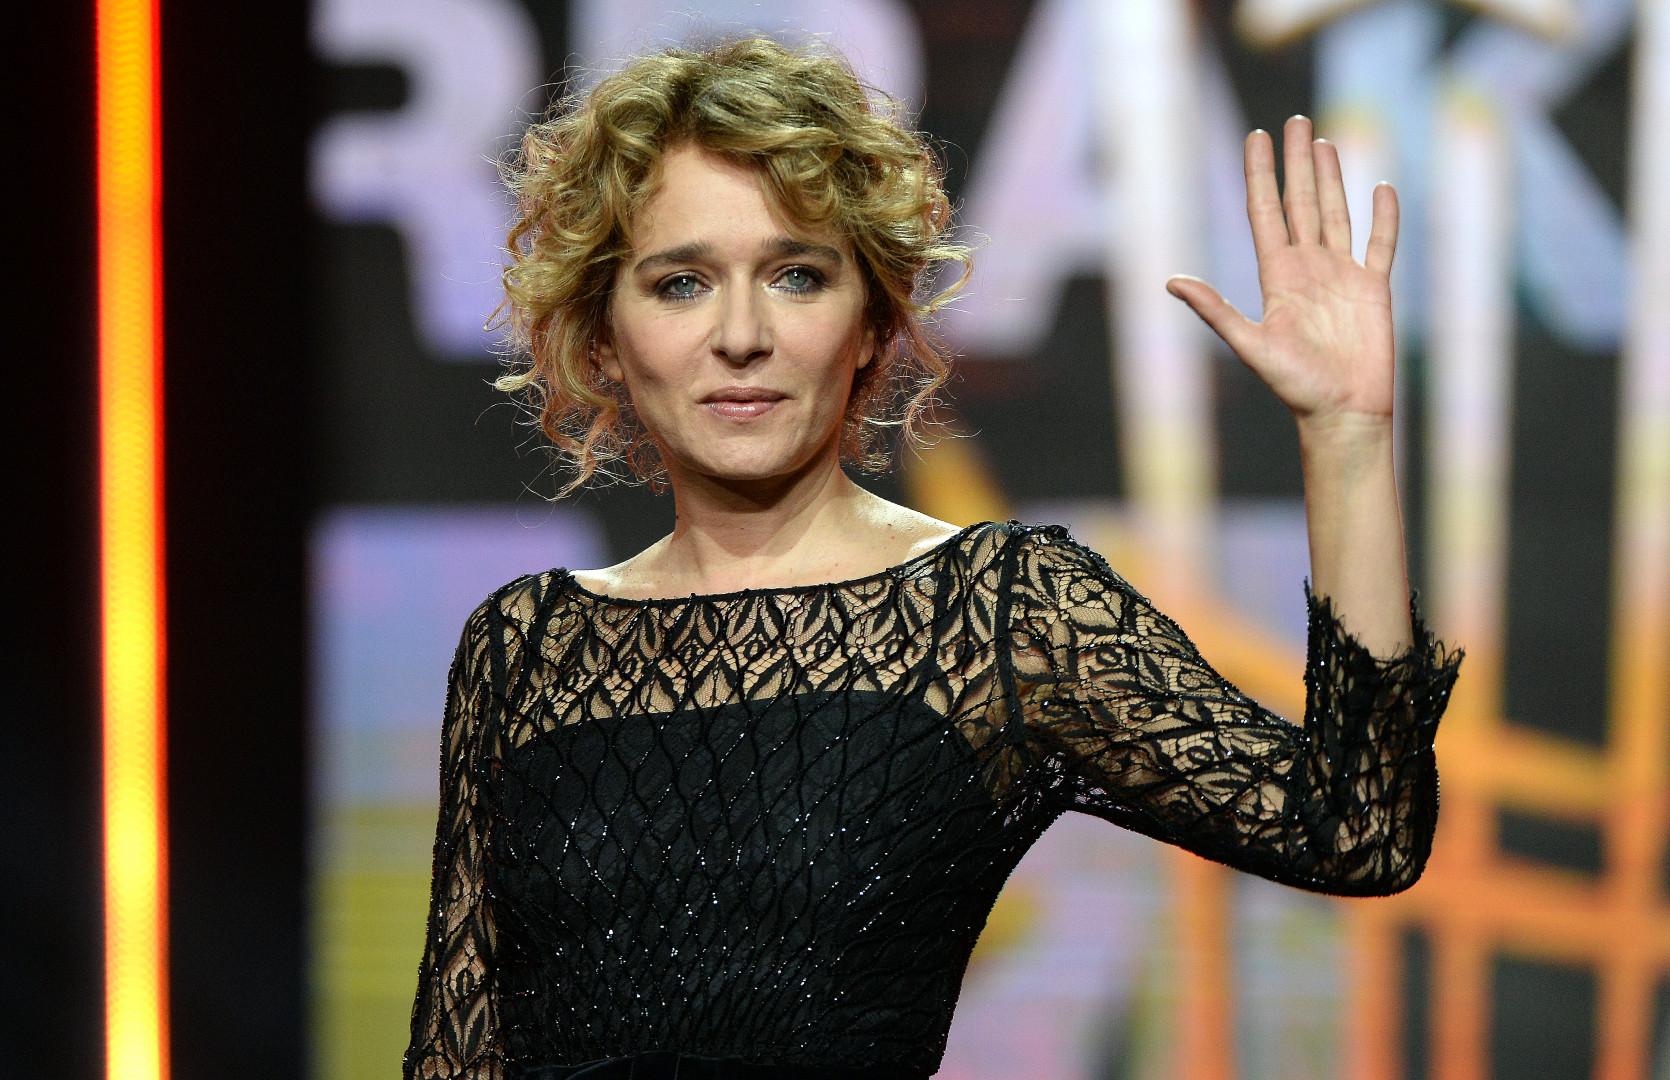 L'actrice italienne Valeria Golino à Marrakech le 12 décembre 2015